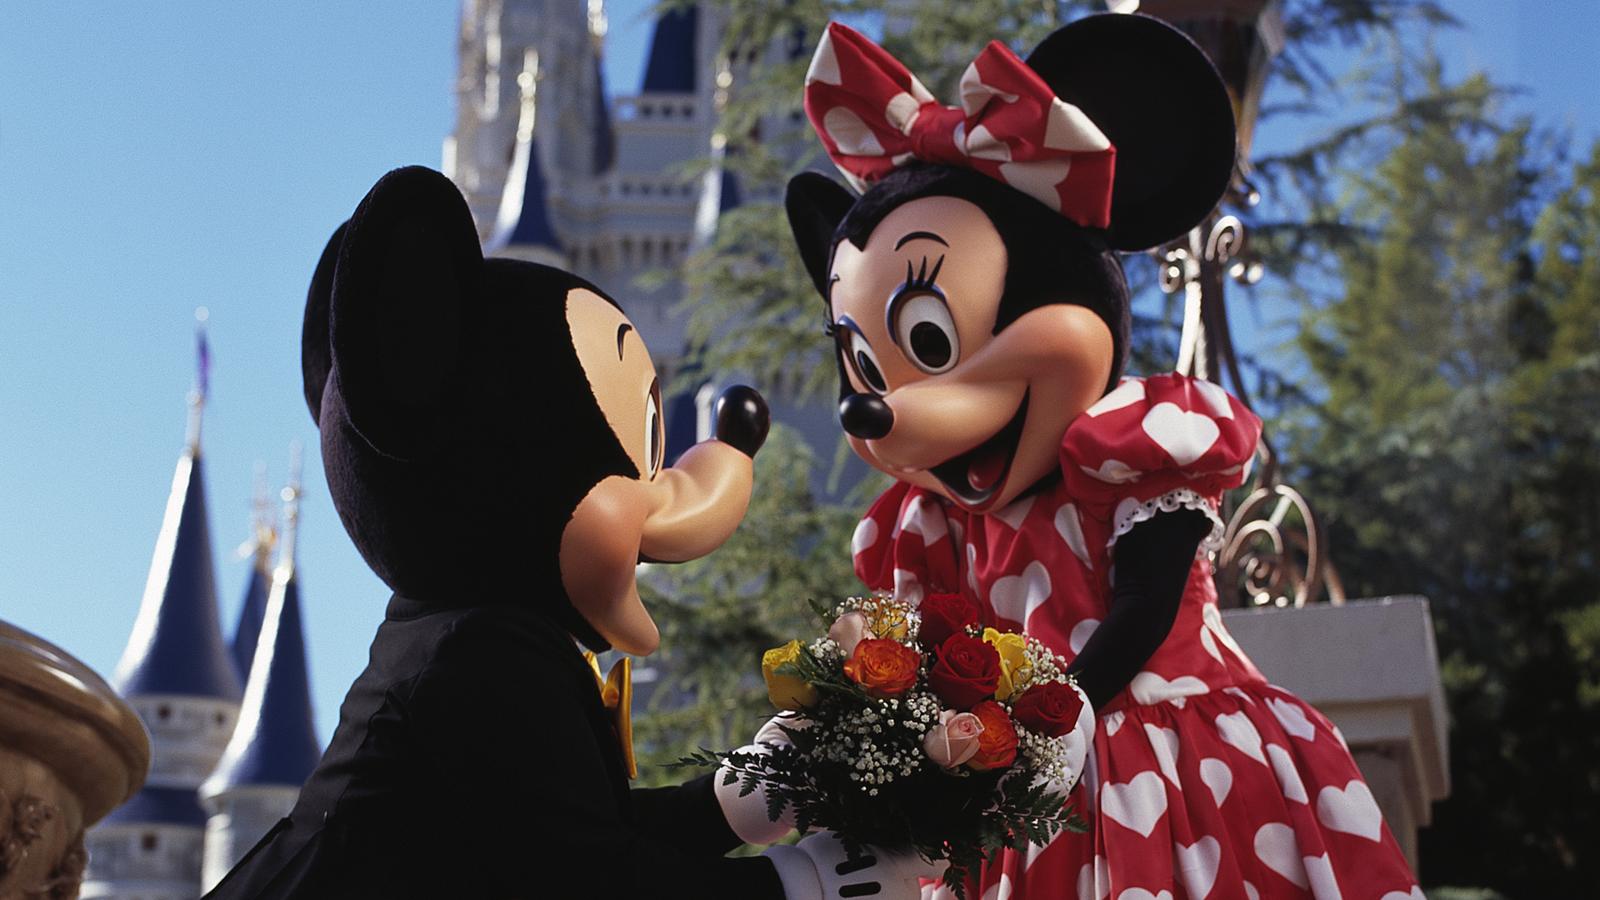 A magia de Orlando inspira pedidos de casamento: 'Quer se casar comigo?'